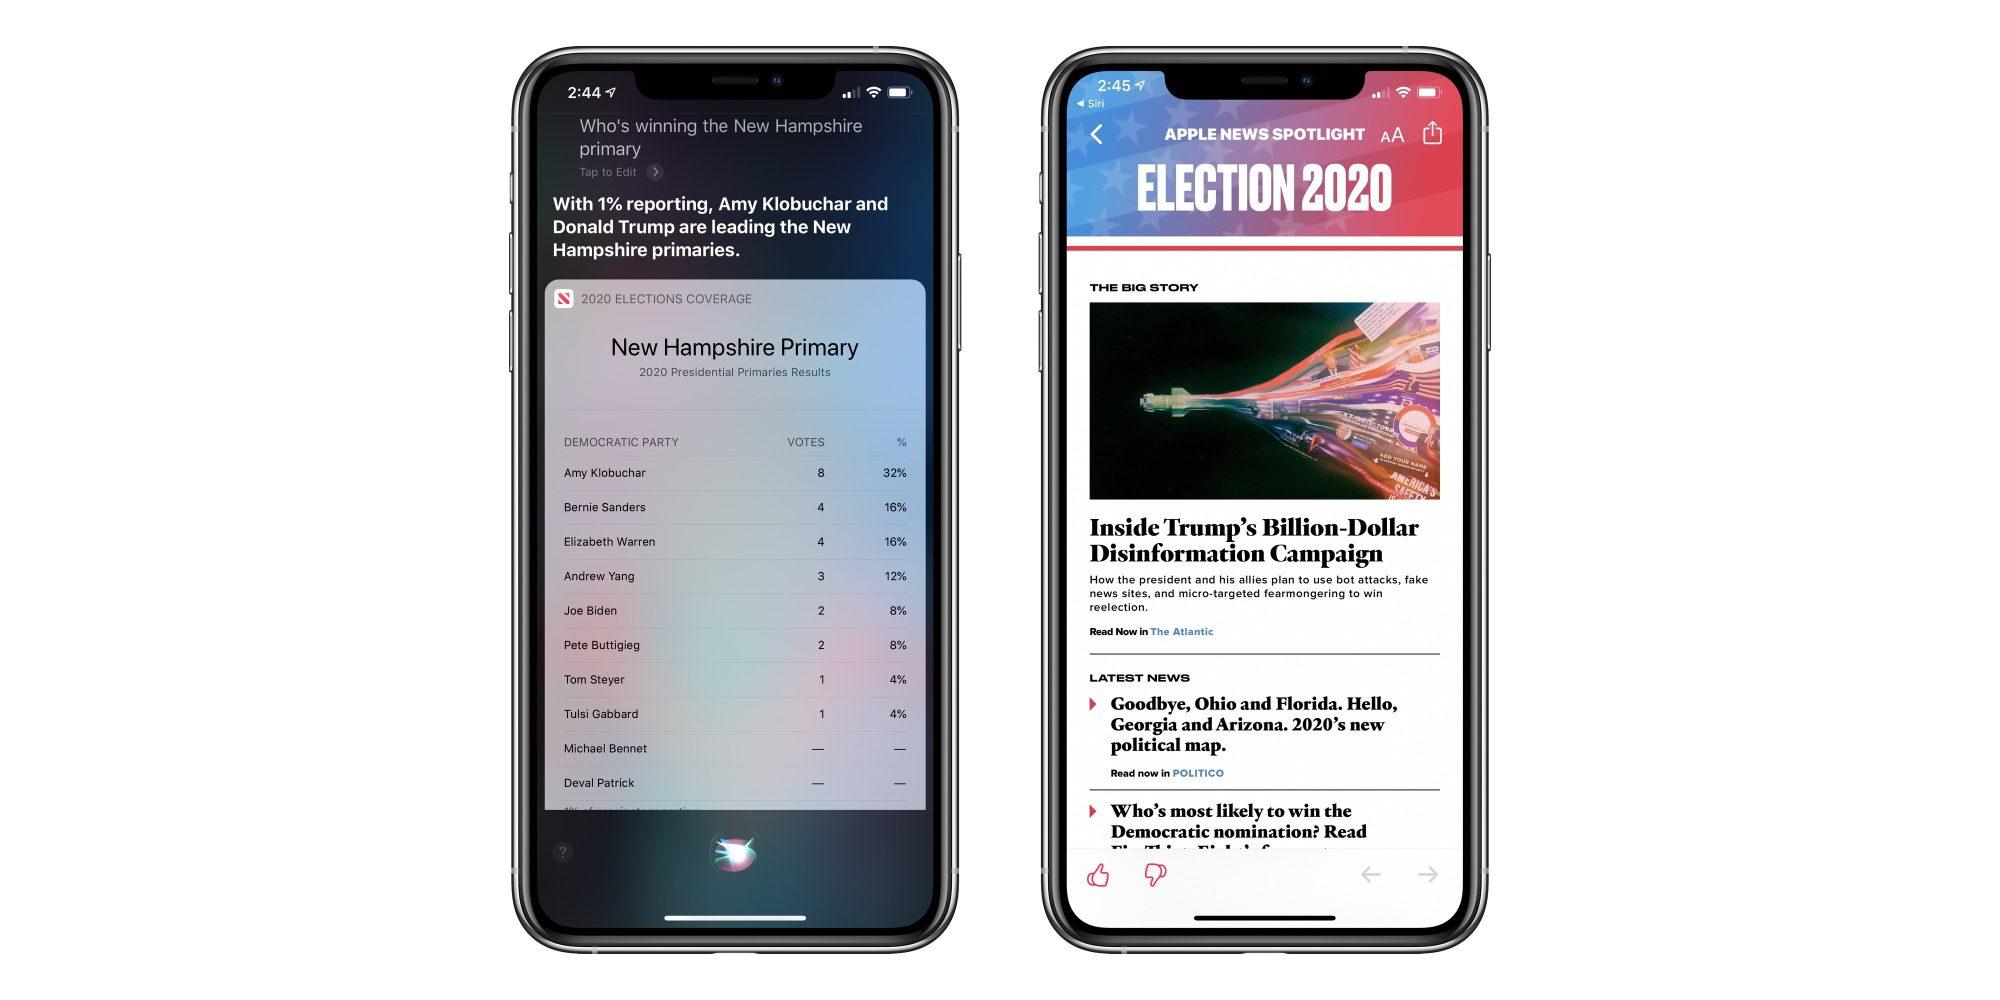 มีคำถามเกี่ยวกับการเลือกตั้งในปี 2020